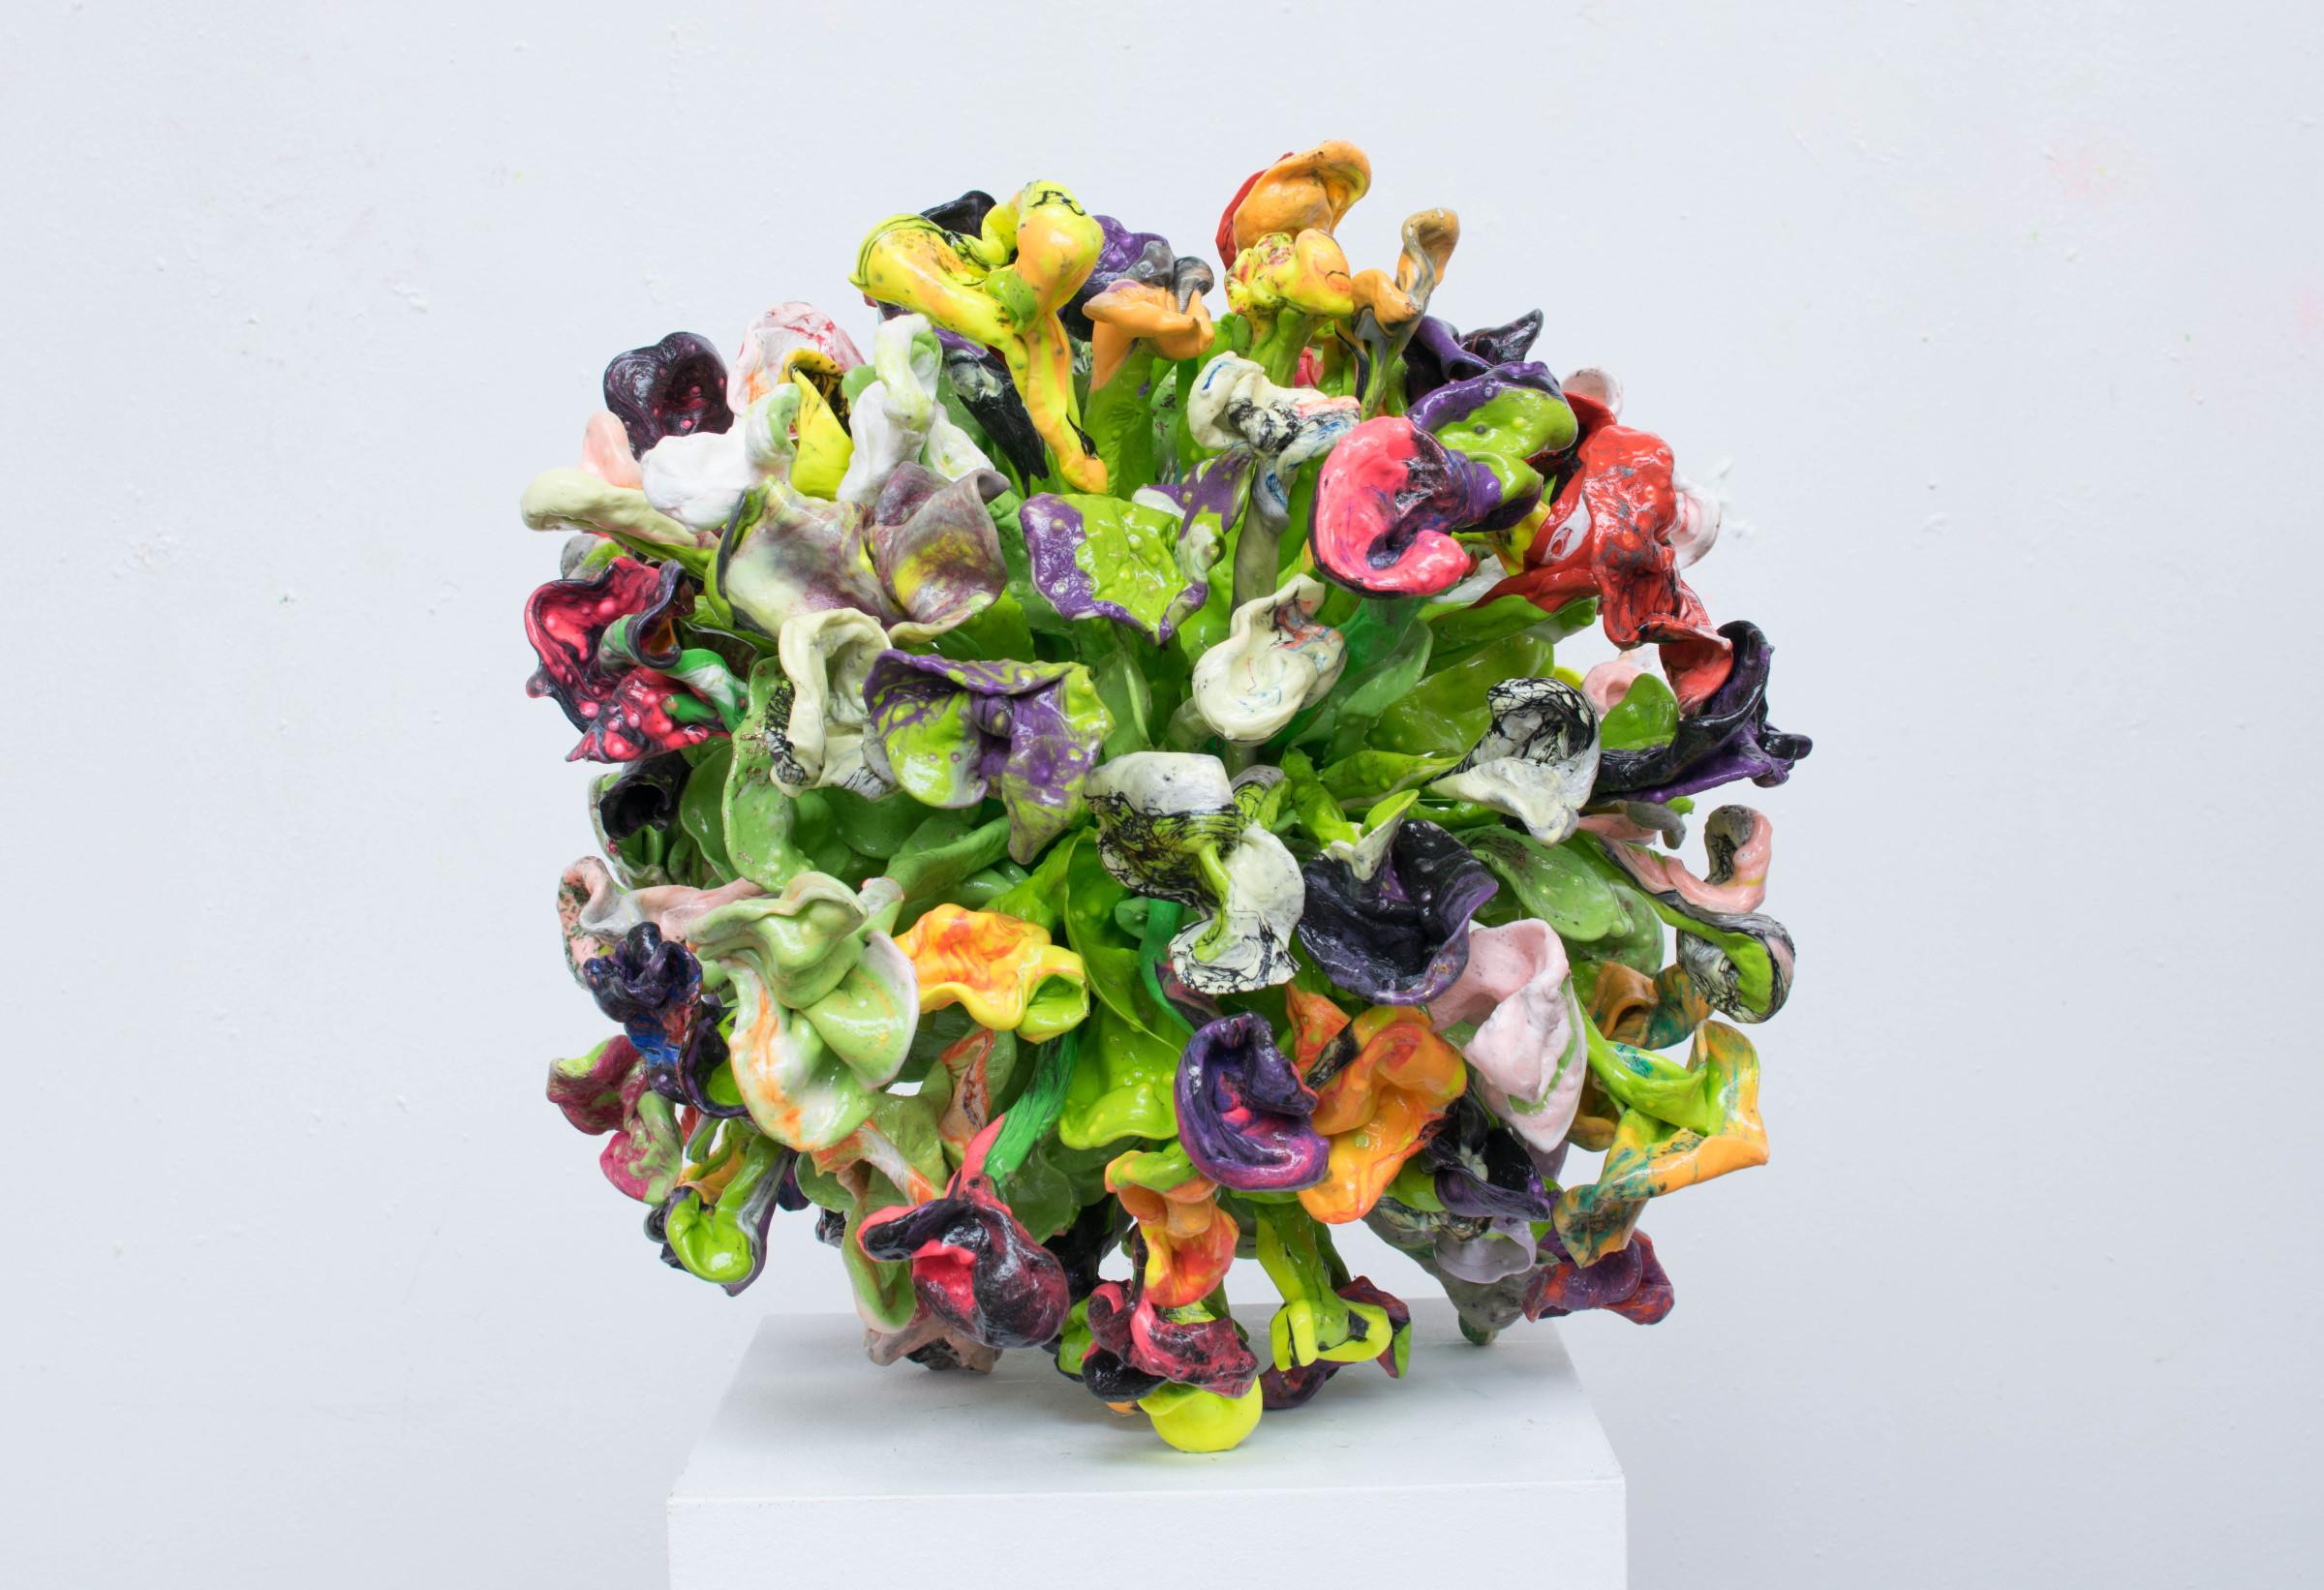 """<span class=""""link fancybox-details-link""""><a href=""""/artists/42-stefan-gross/works/5336-stefan-gross-flower-bomb-2019/"""">View Detail Page</a></span><div class=""""artist""""><strong>Stefan Gross</strong></div> <div class=""""title""""><em>Flower Bomb</em>, 2019</div> <div class=""""medium"""">Oil Plastic</div> <div class=""""dimensions"""">40 cm</div><div class=""""price"""">€3,900.00</div>"""